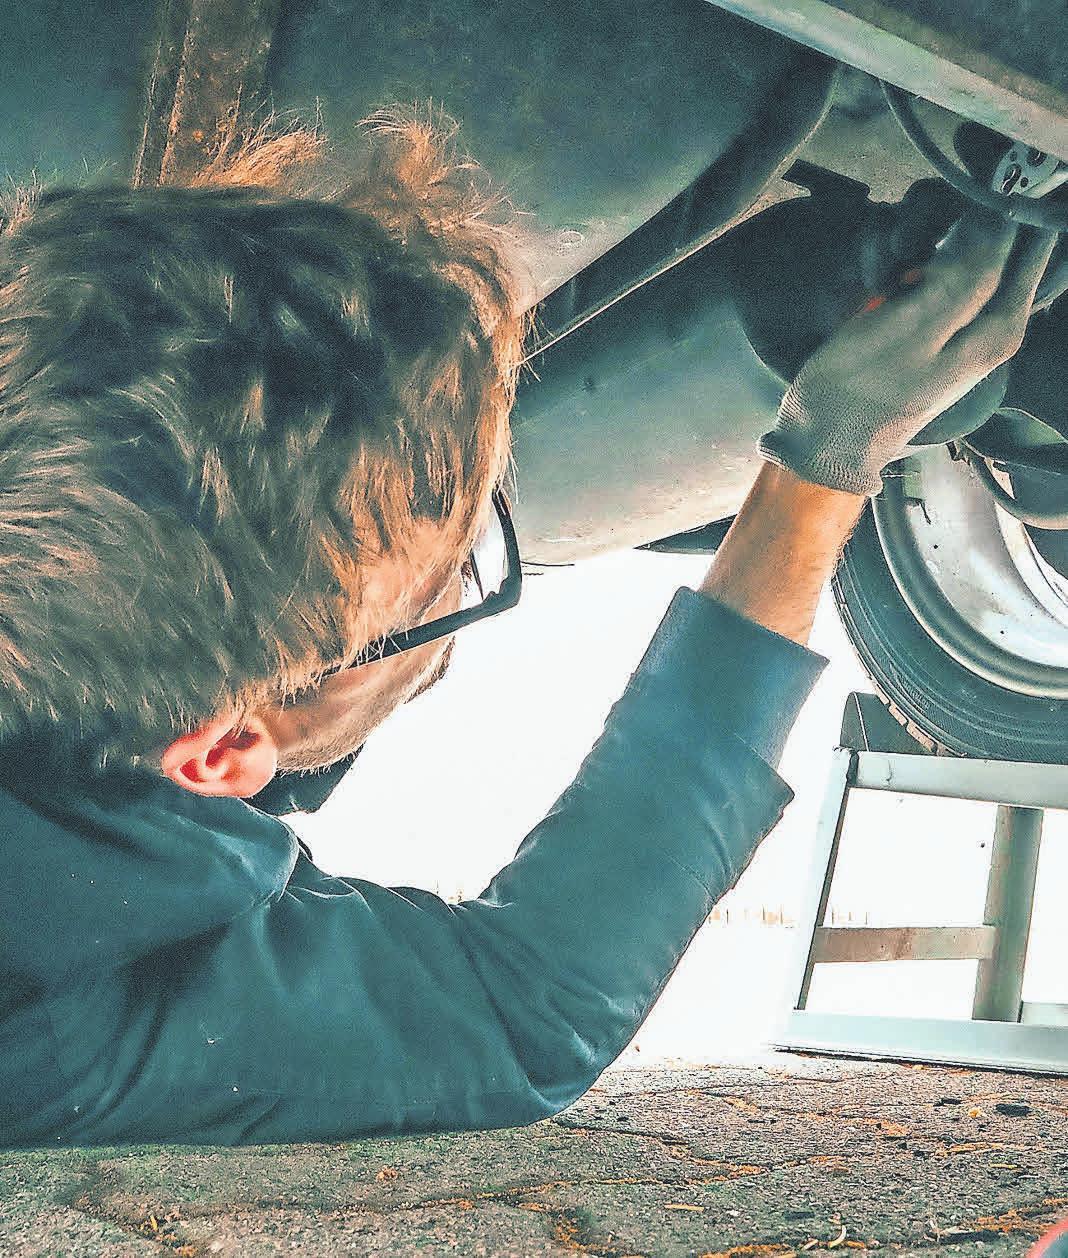 Vor dem Start in den Urlaub sollte das Fahrzeug einem gründlichen Check-up unterzogen werden. Foto: Pexels